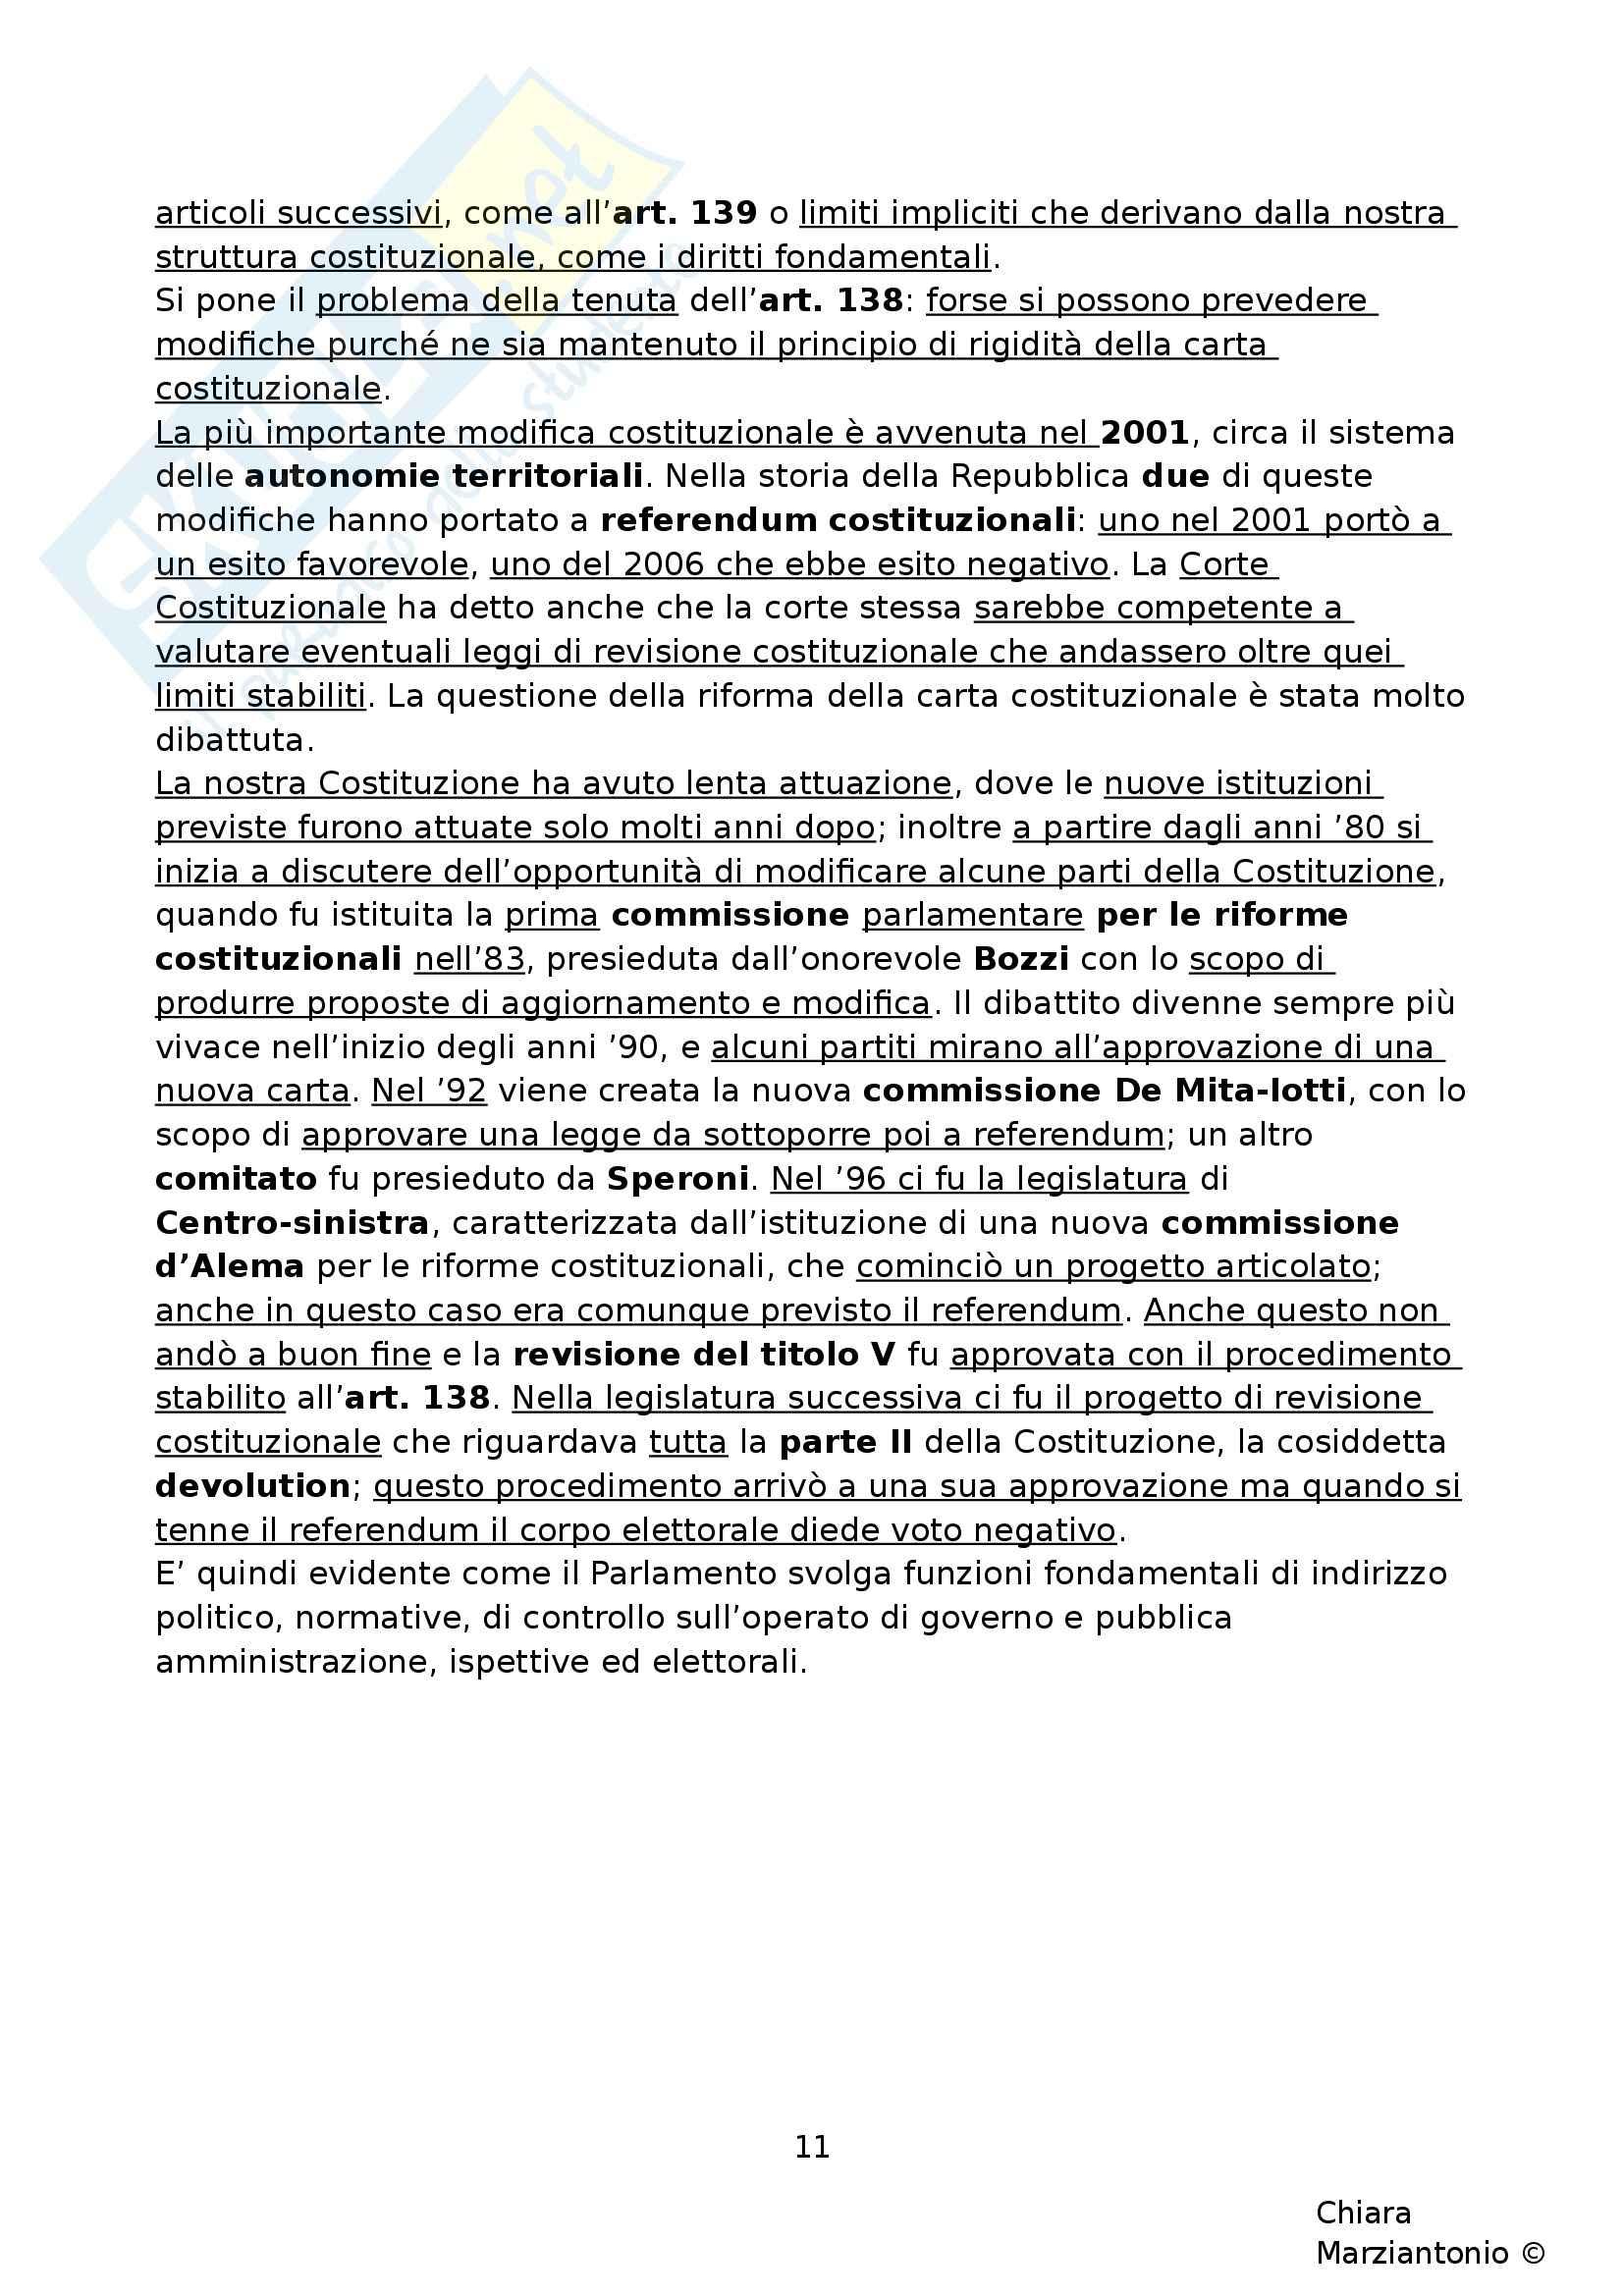 Riassunto esame Istituzioni di Diritto Pubblico, prof. Corsi, libro consigliato Corso di Diritto Pubblico, Barbera, Fusaro - cap. 9 Pag. 11